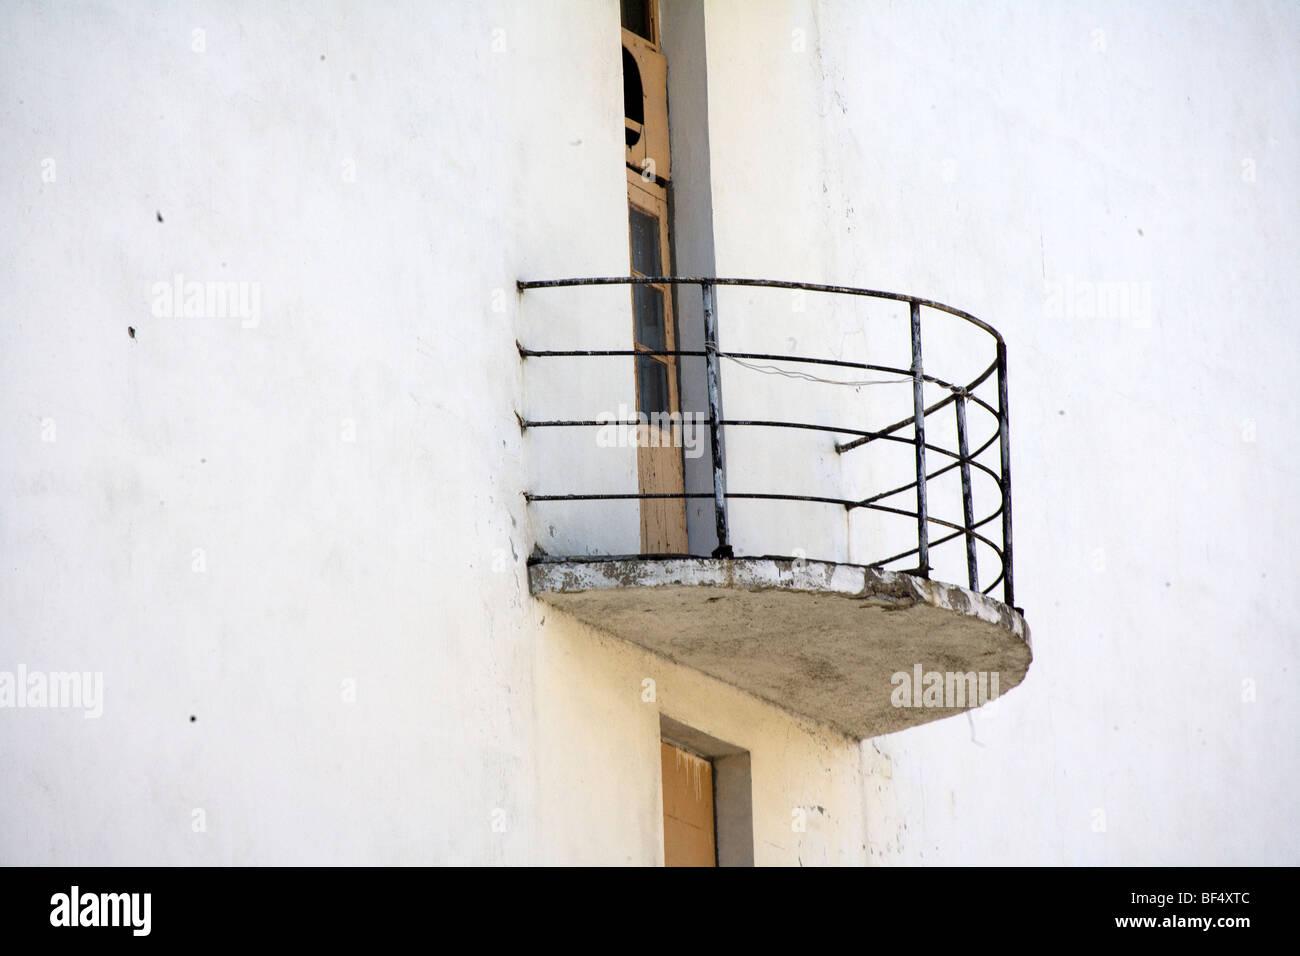 Russischen Modernistischen Stil Mit Weiss Getunchten Wohnhaus Mit